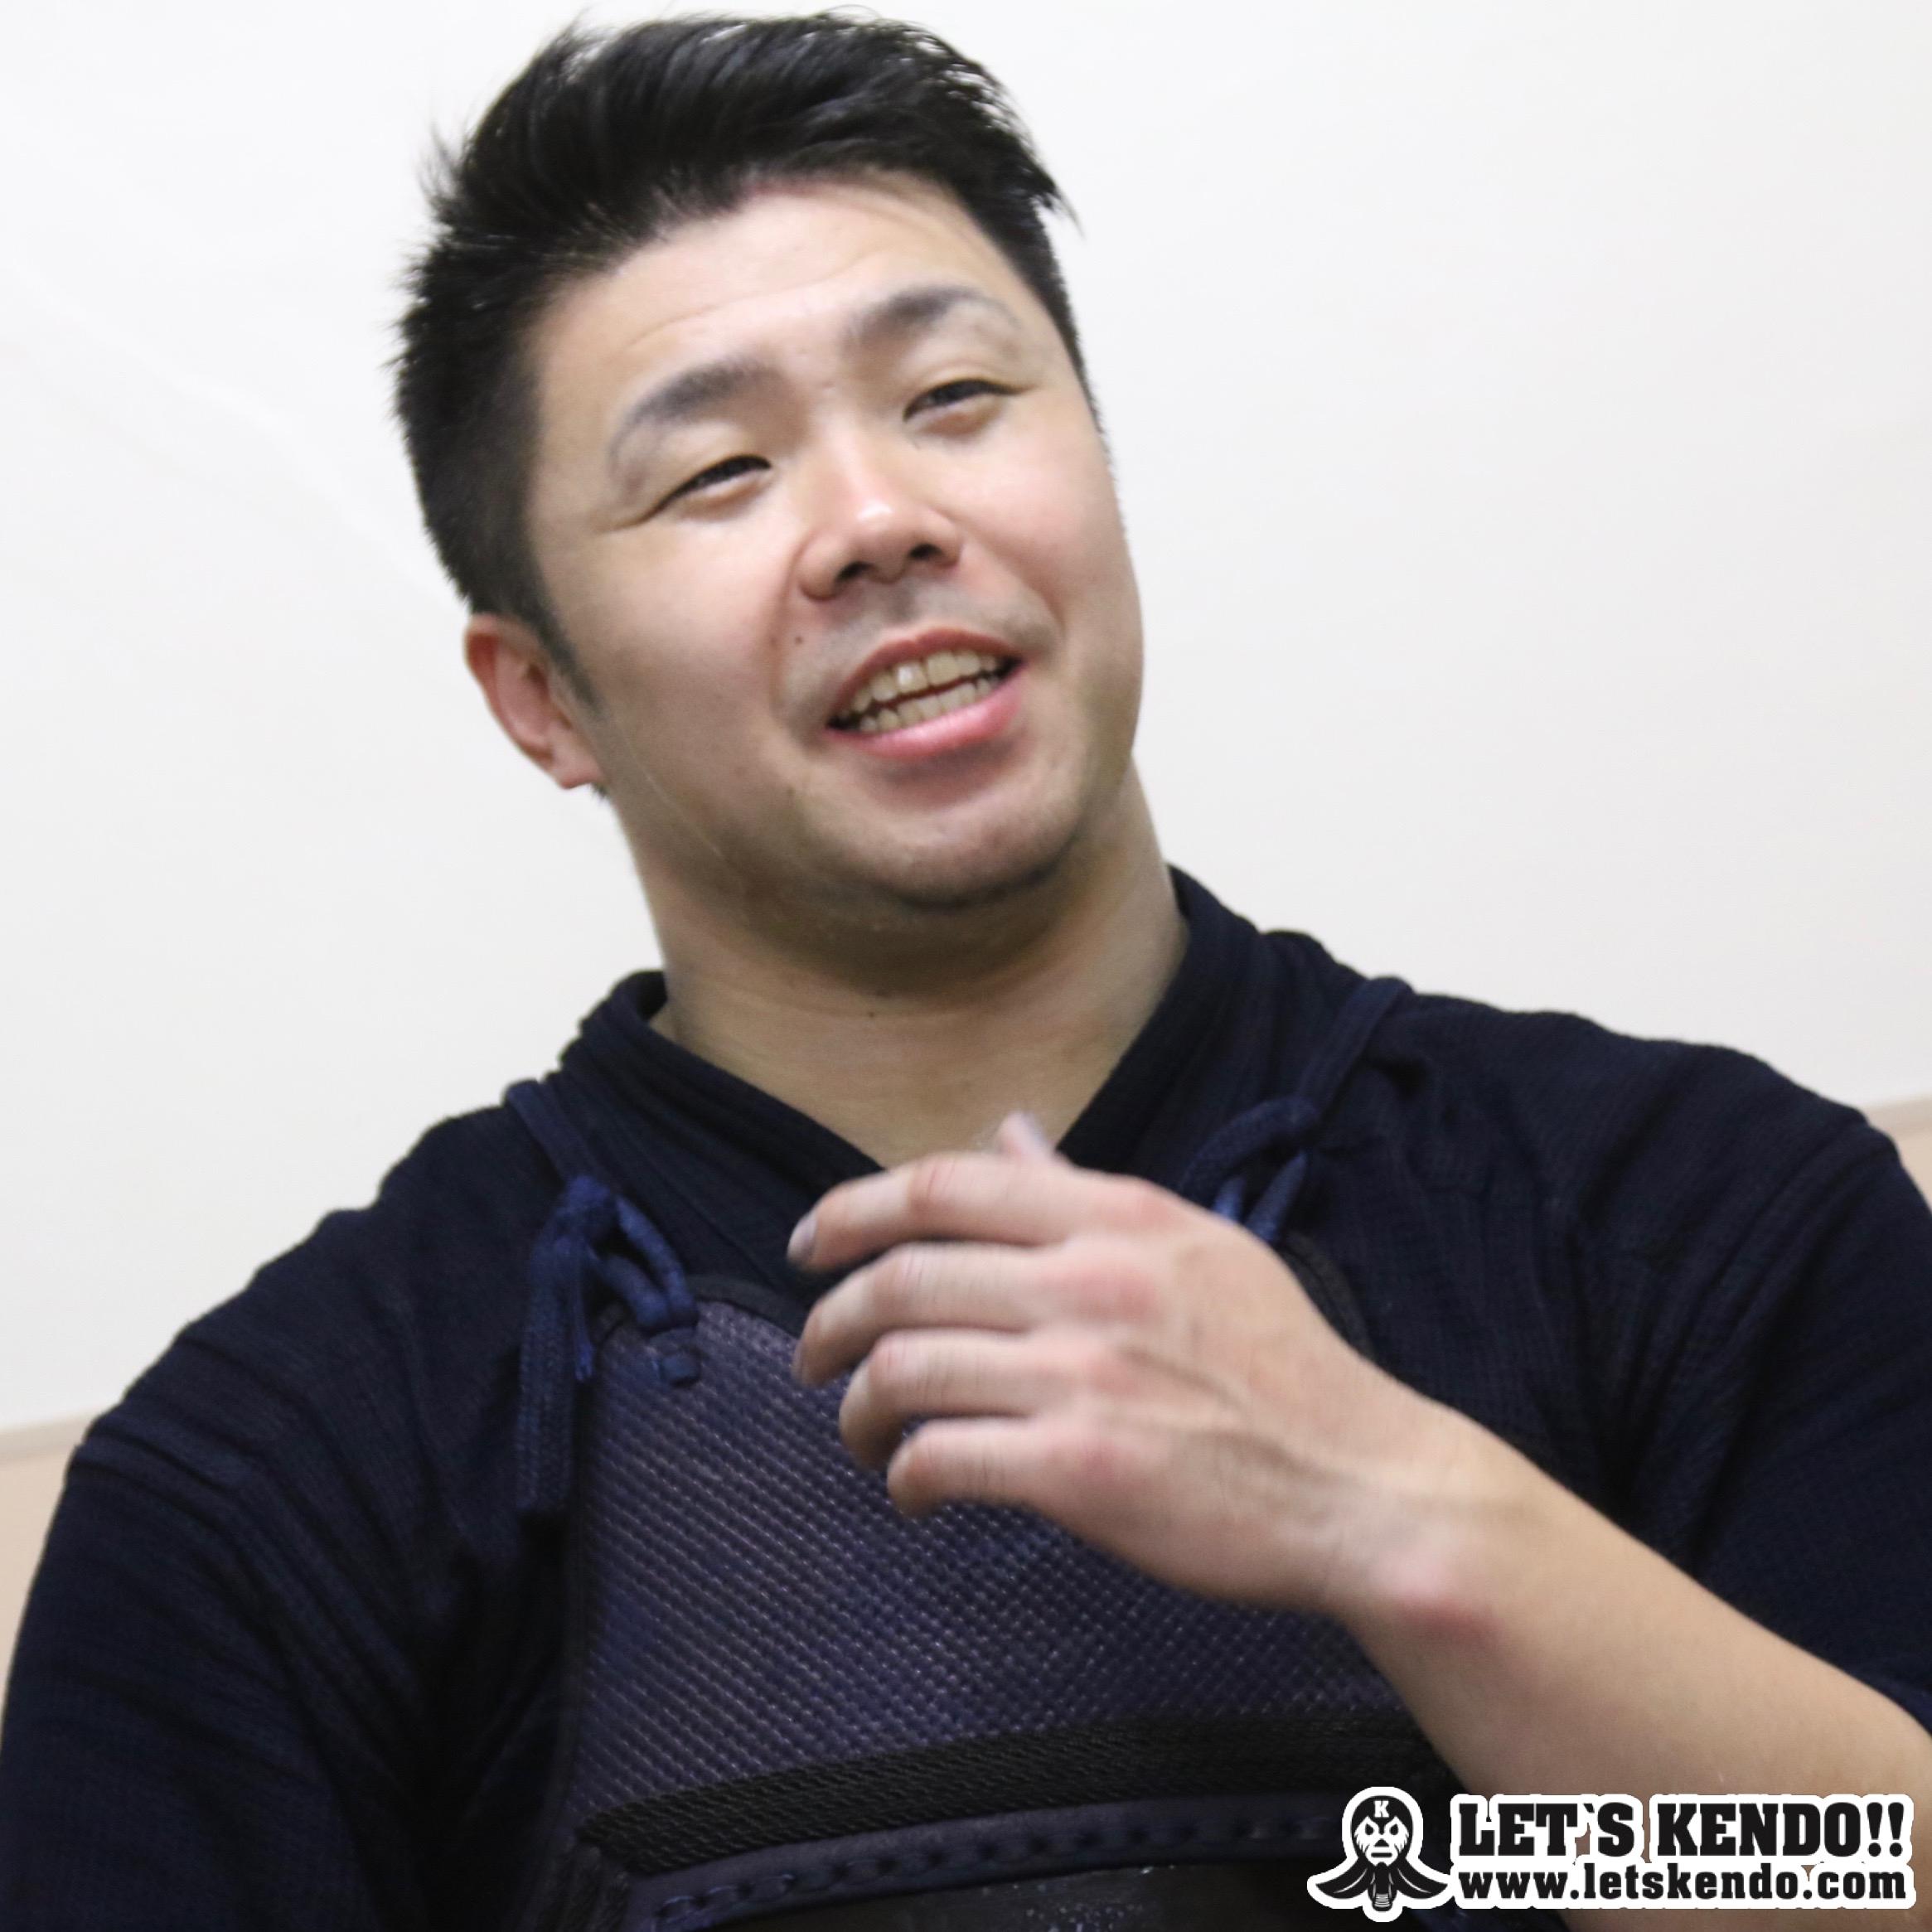 【大会結果】11/3 第66回全日本剣道選手権大会